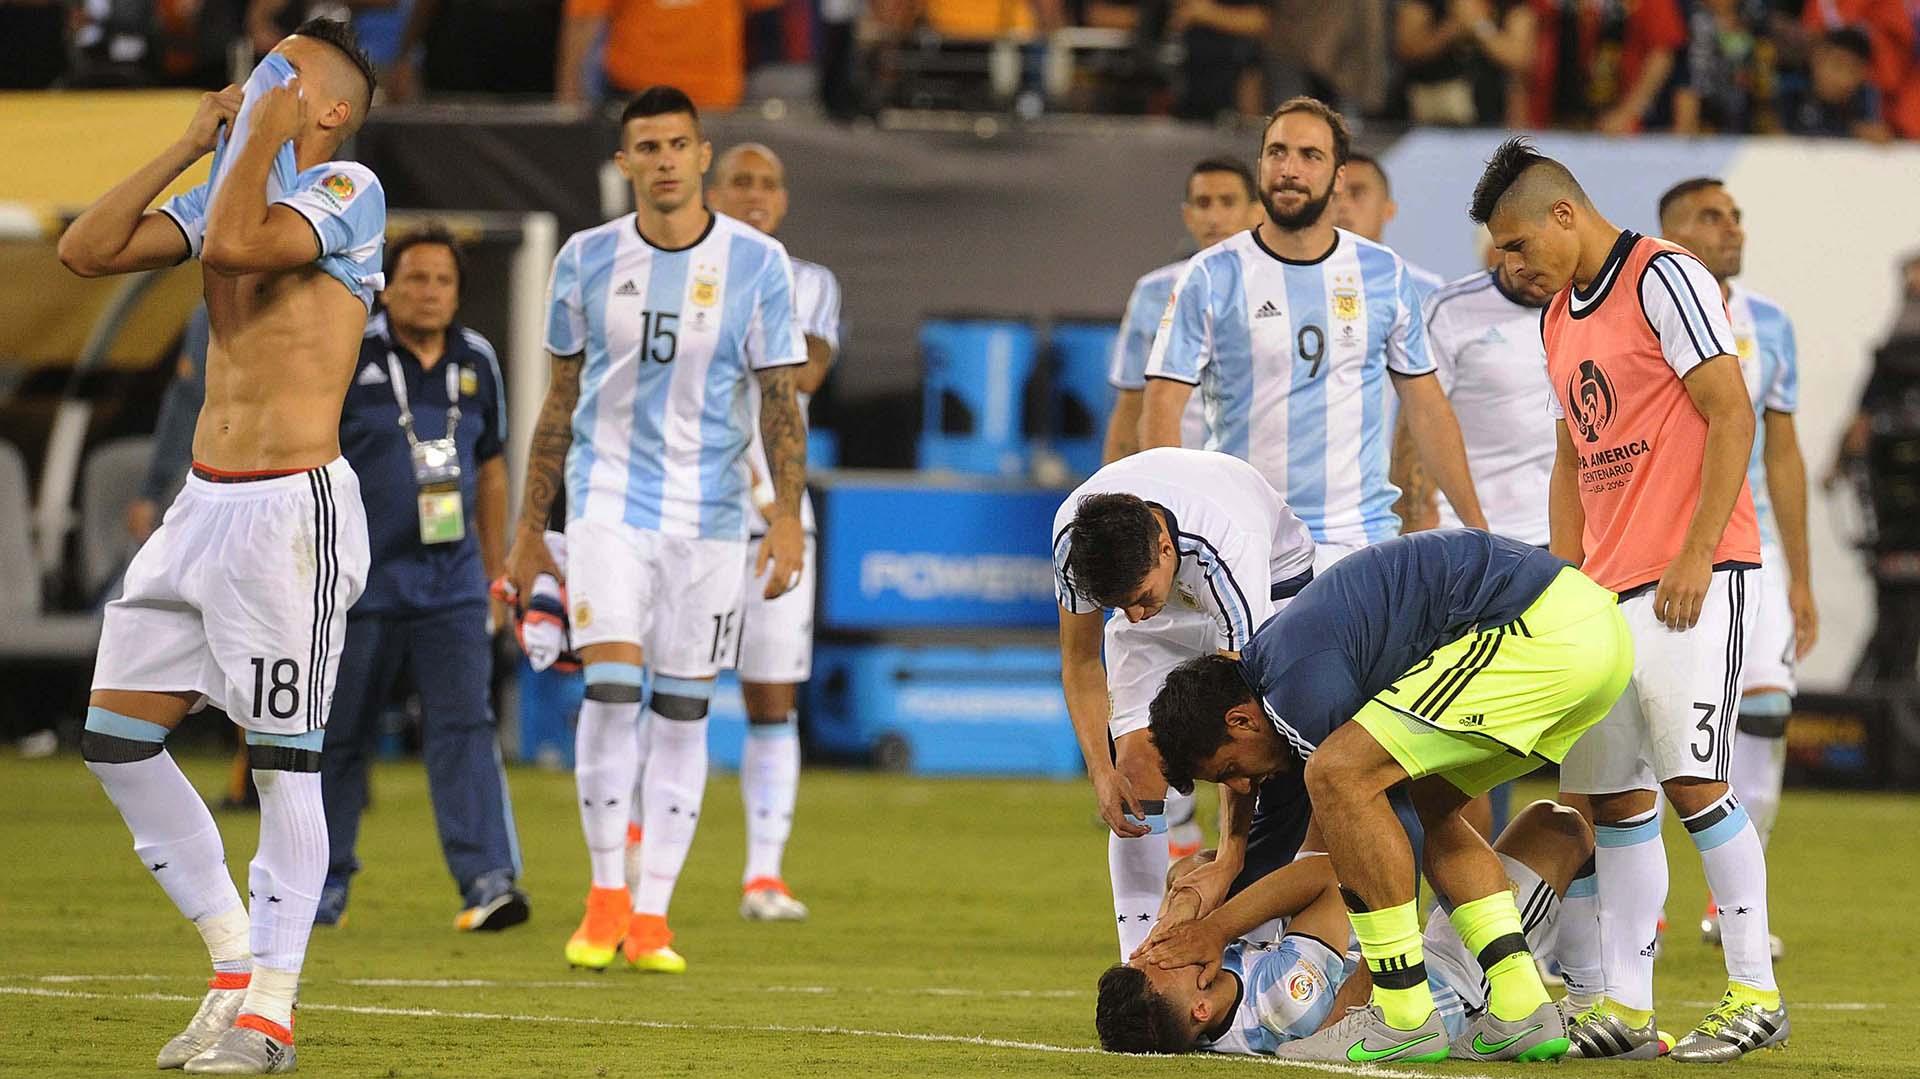 El desconsuelo de la Selección tras la derrota (Télam)